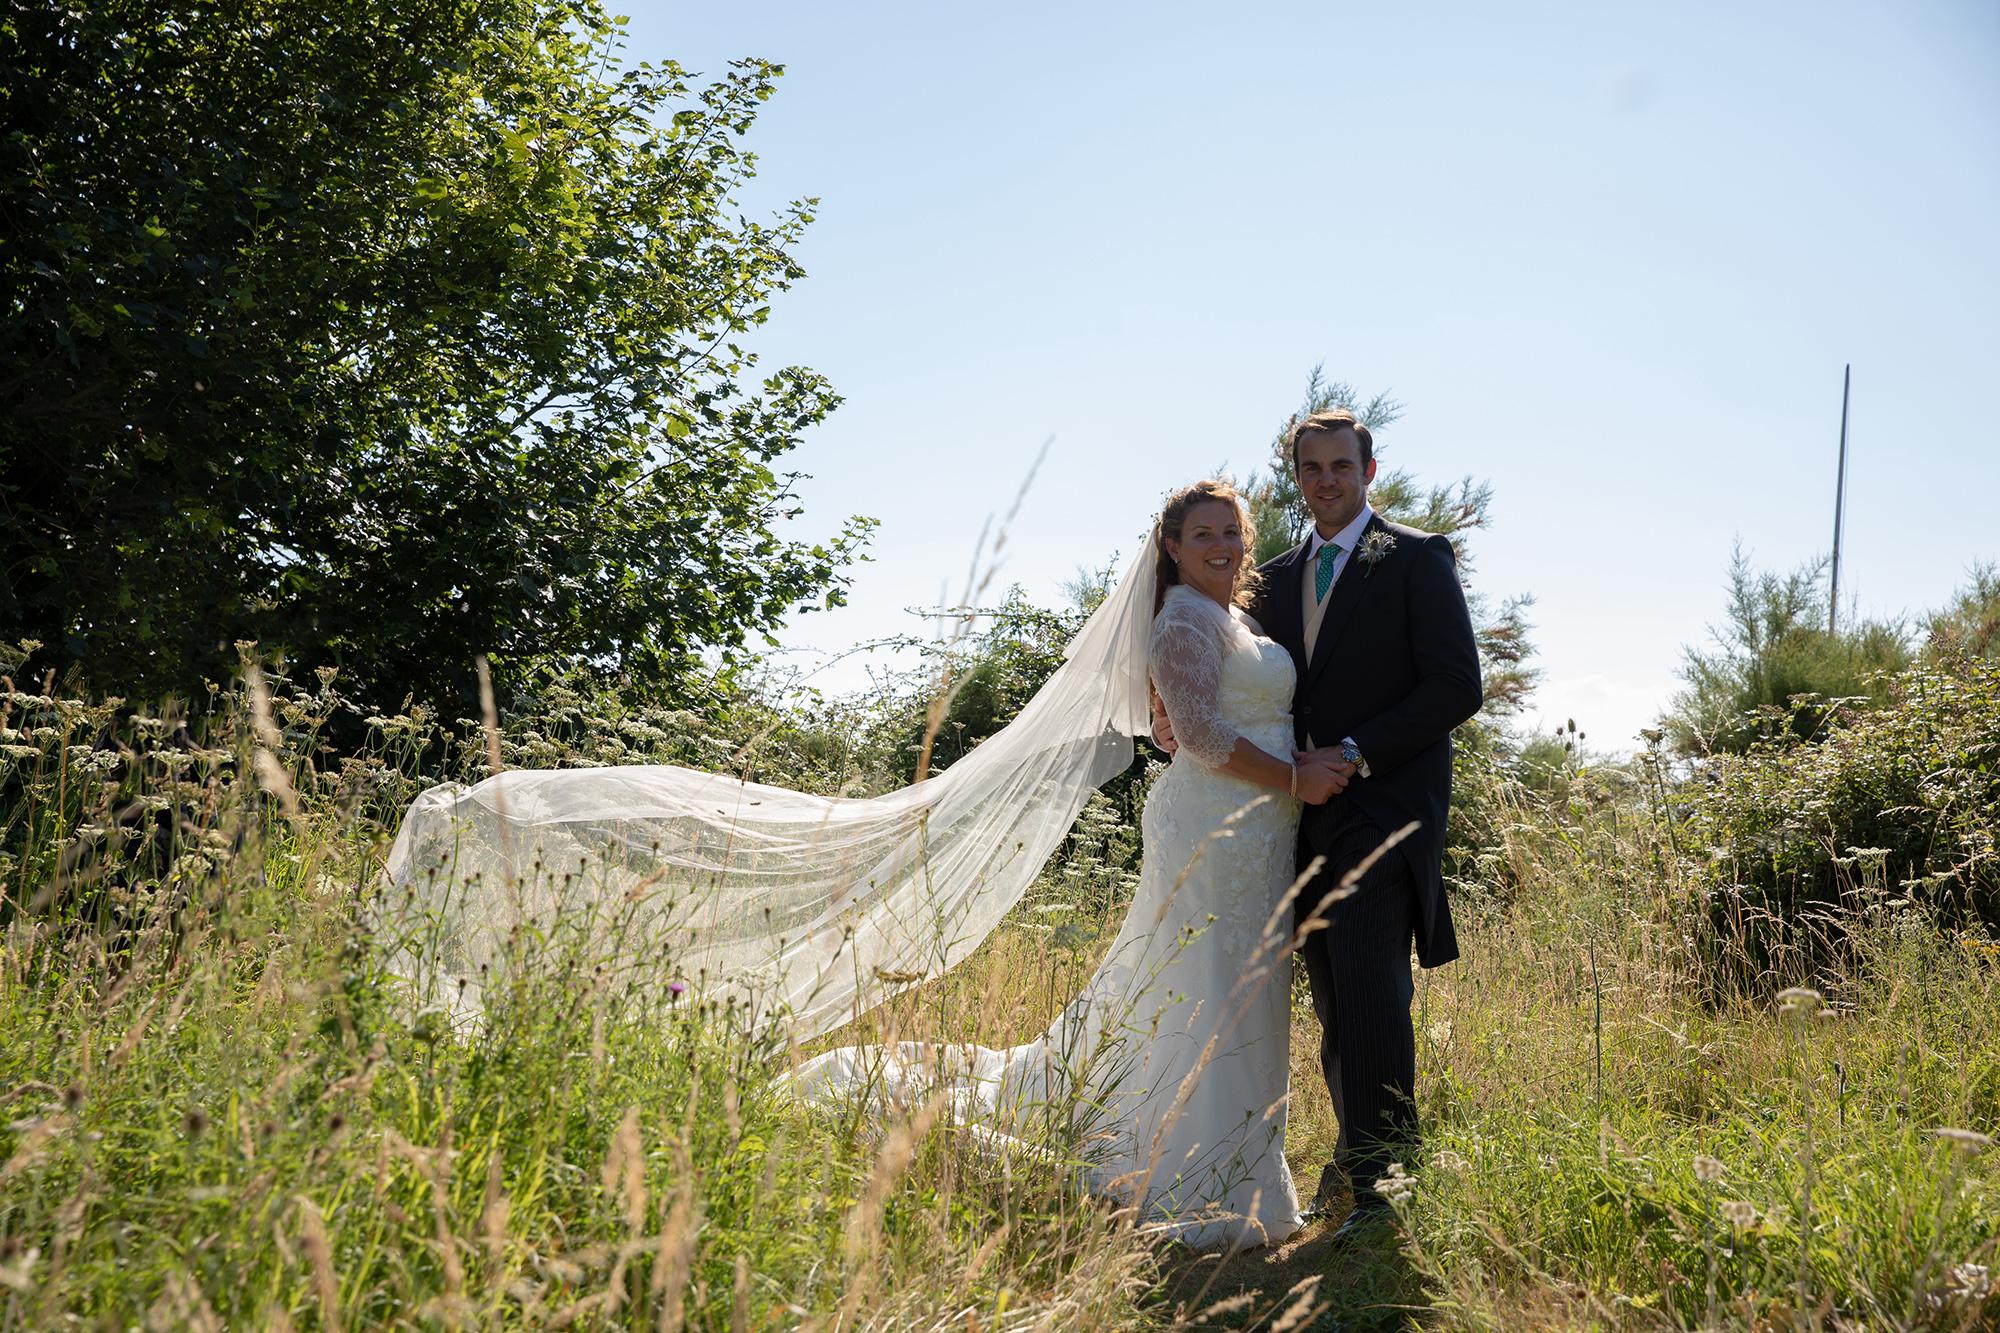 chichester_photographer_wedding_39.jpg